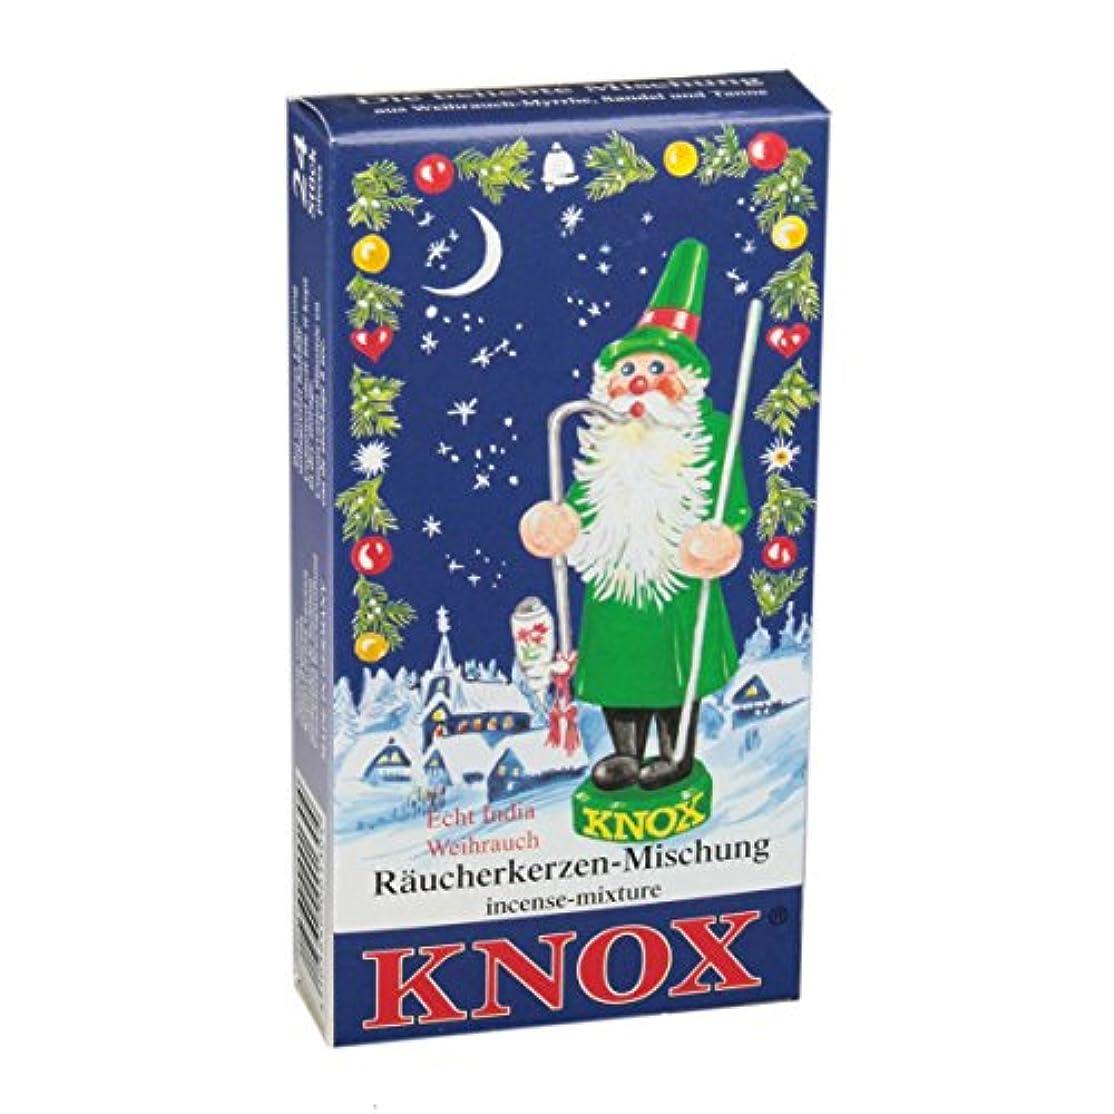 収束するウィザードバリーKnoxのさまざまな休日香りつきIncense Cones、24パック、ドイツ製